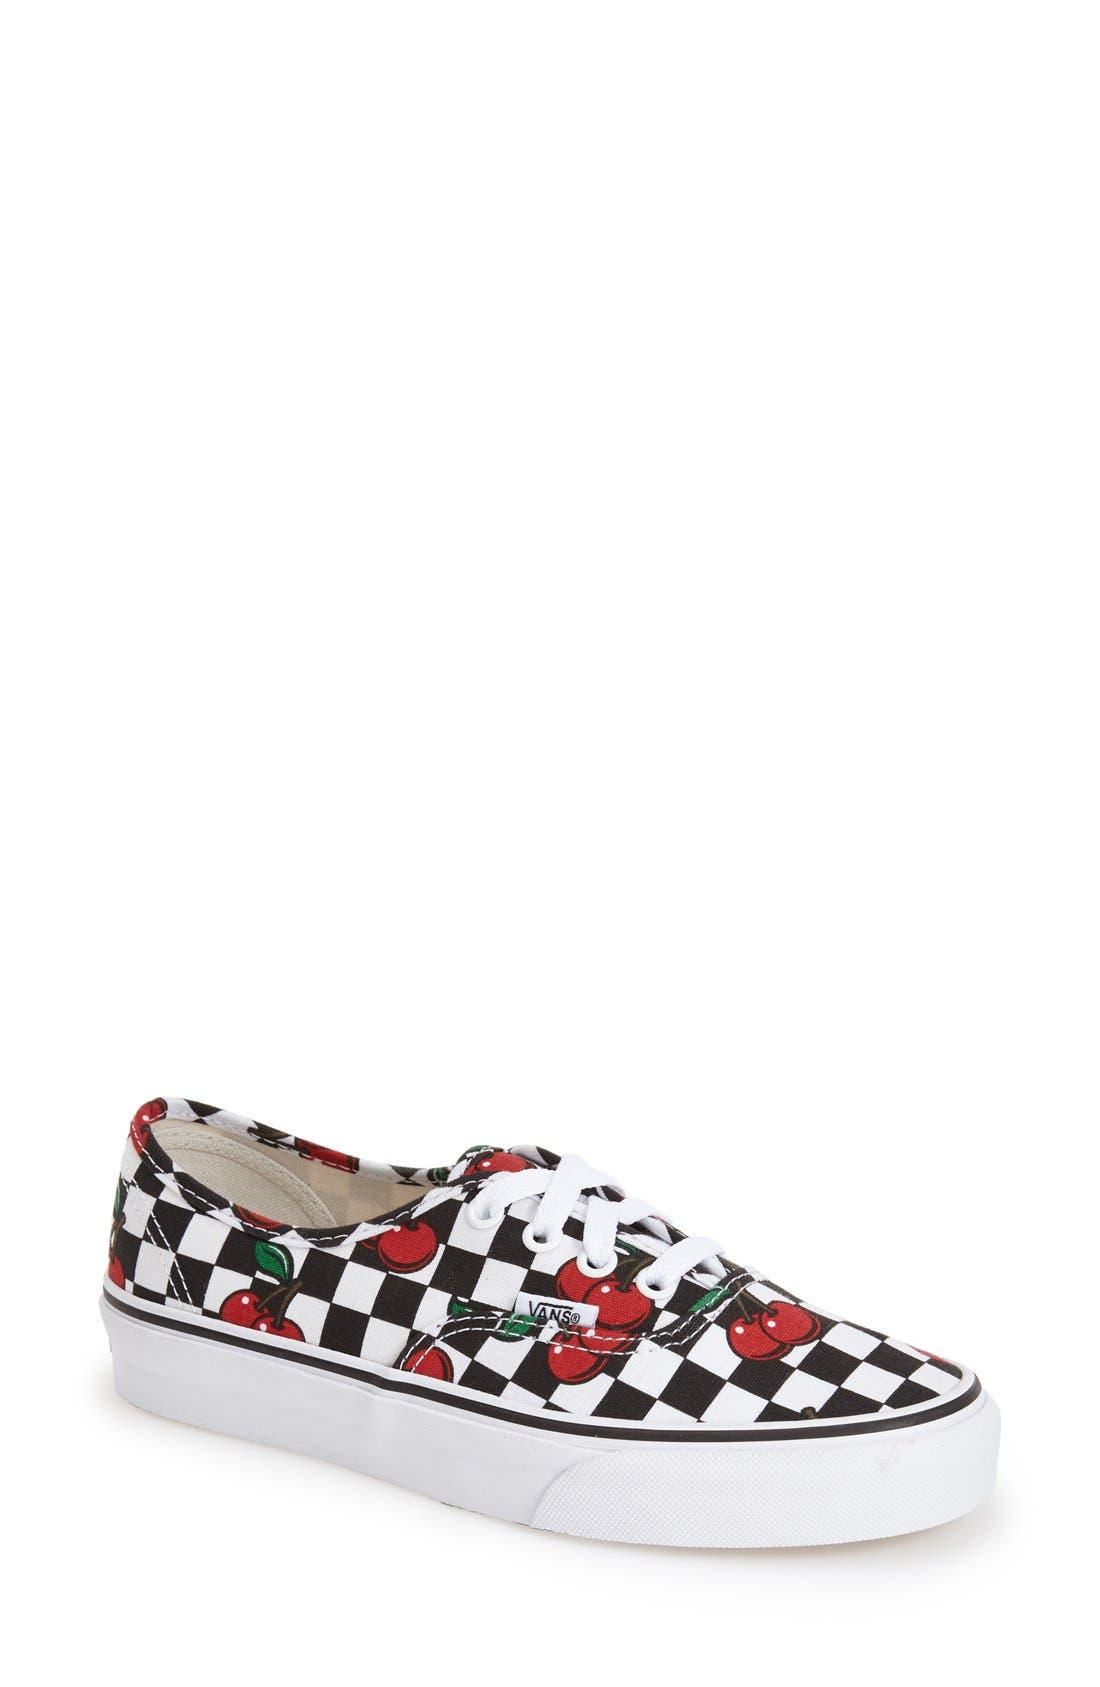 Main Image - Vans 'Authentic - Cherry' Sneaker (Women)